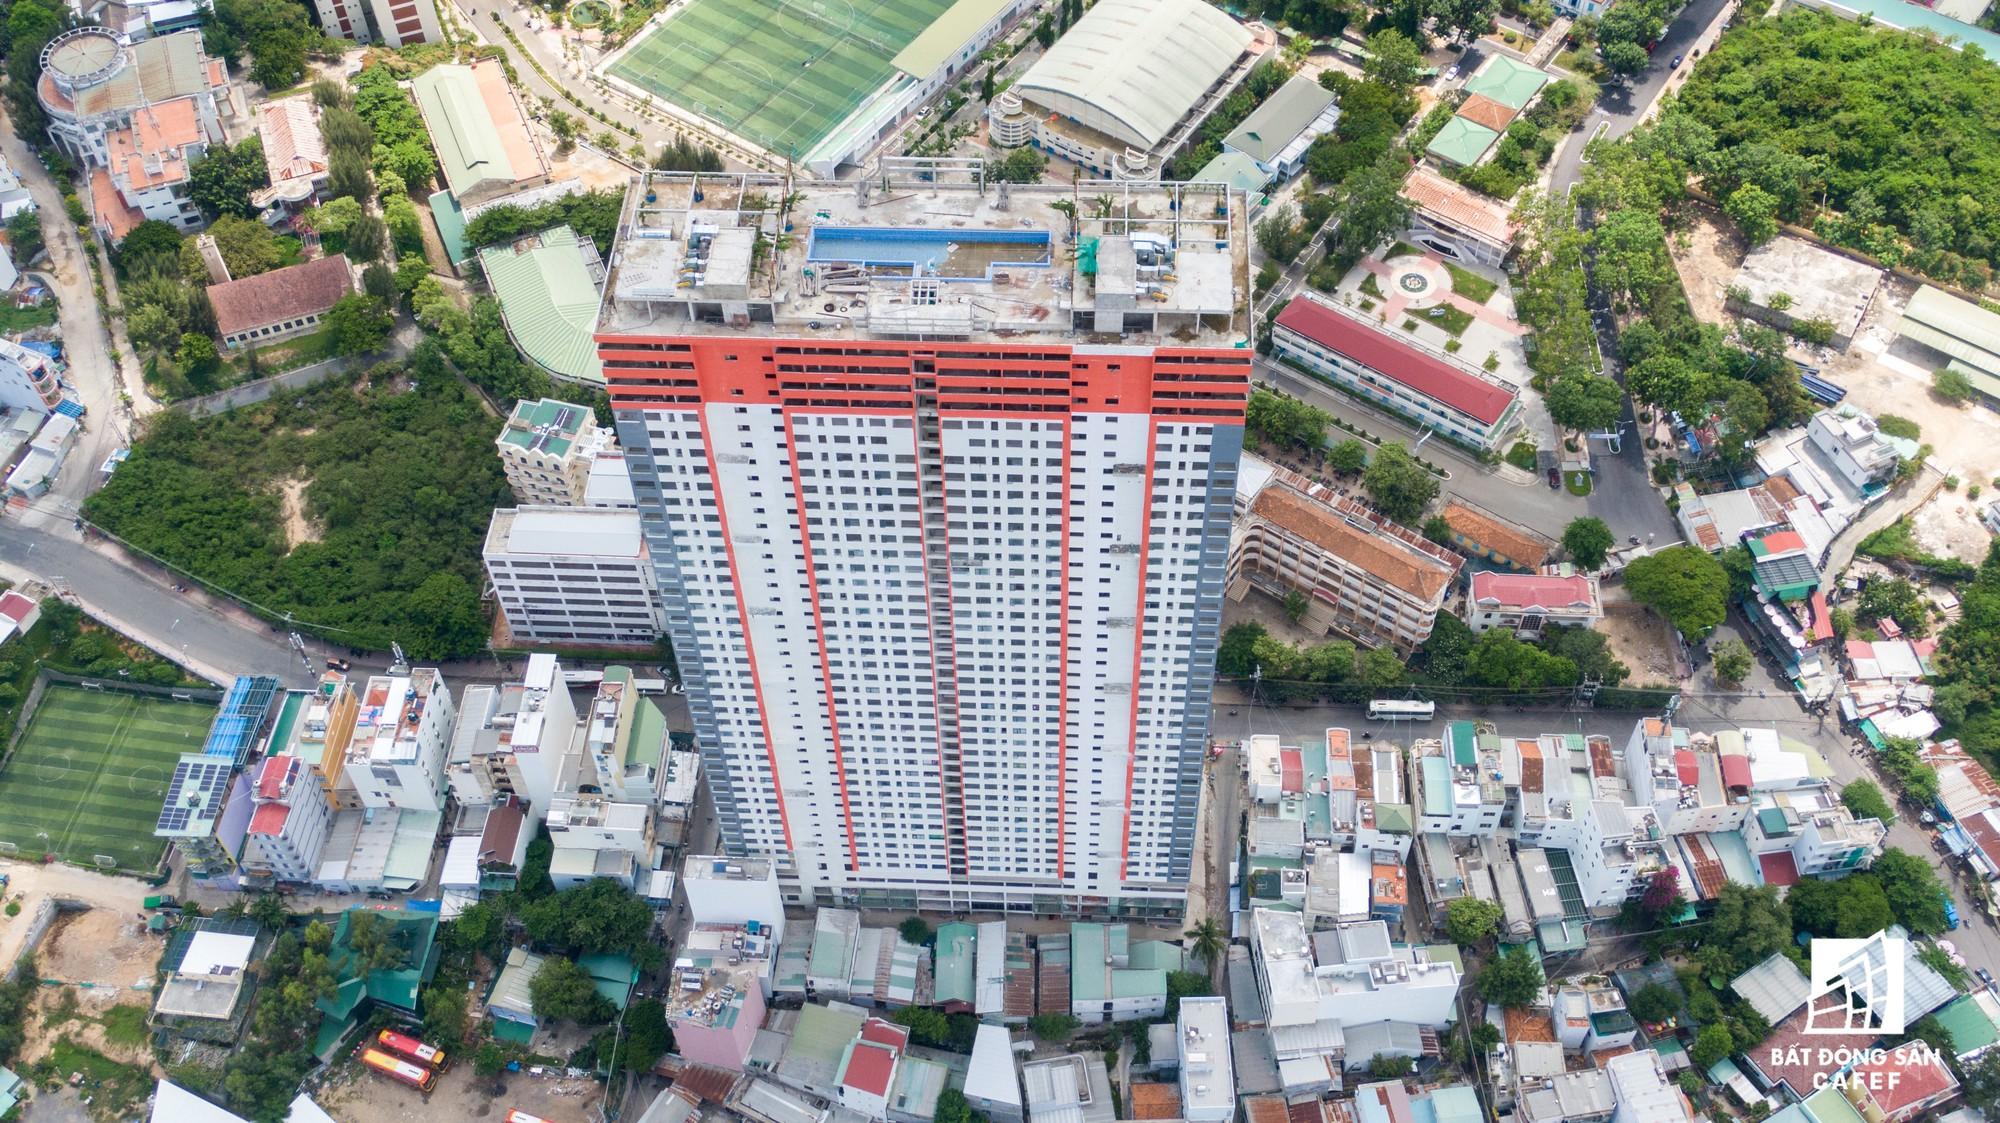 Khánh Hòa buộc dừng mua bán căn hộ tại chung cư Napoleon Casle 1 - Ảnh 1.